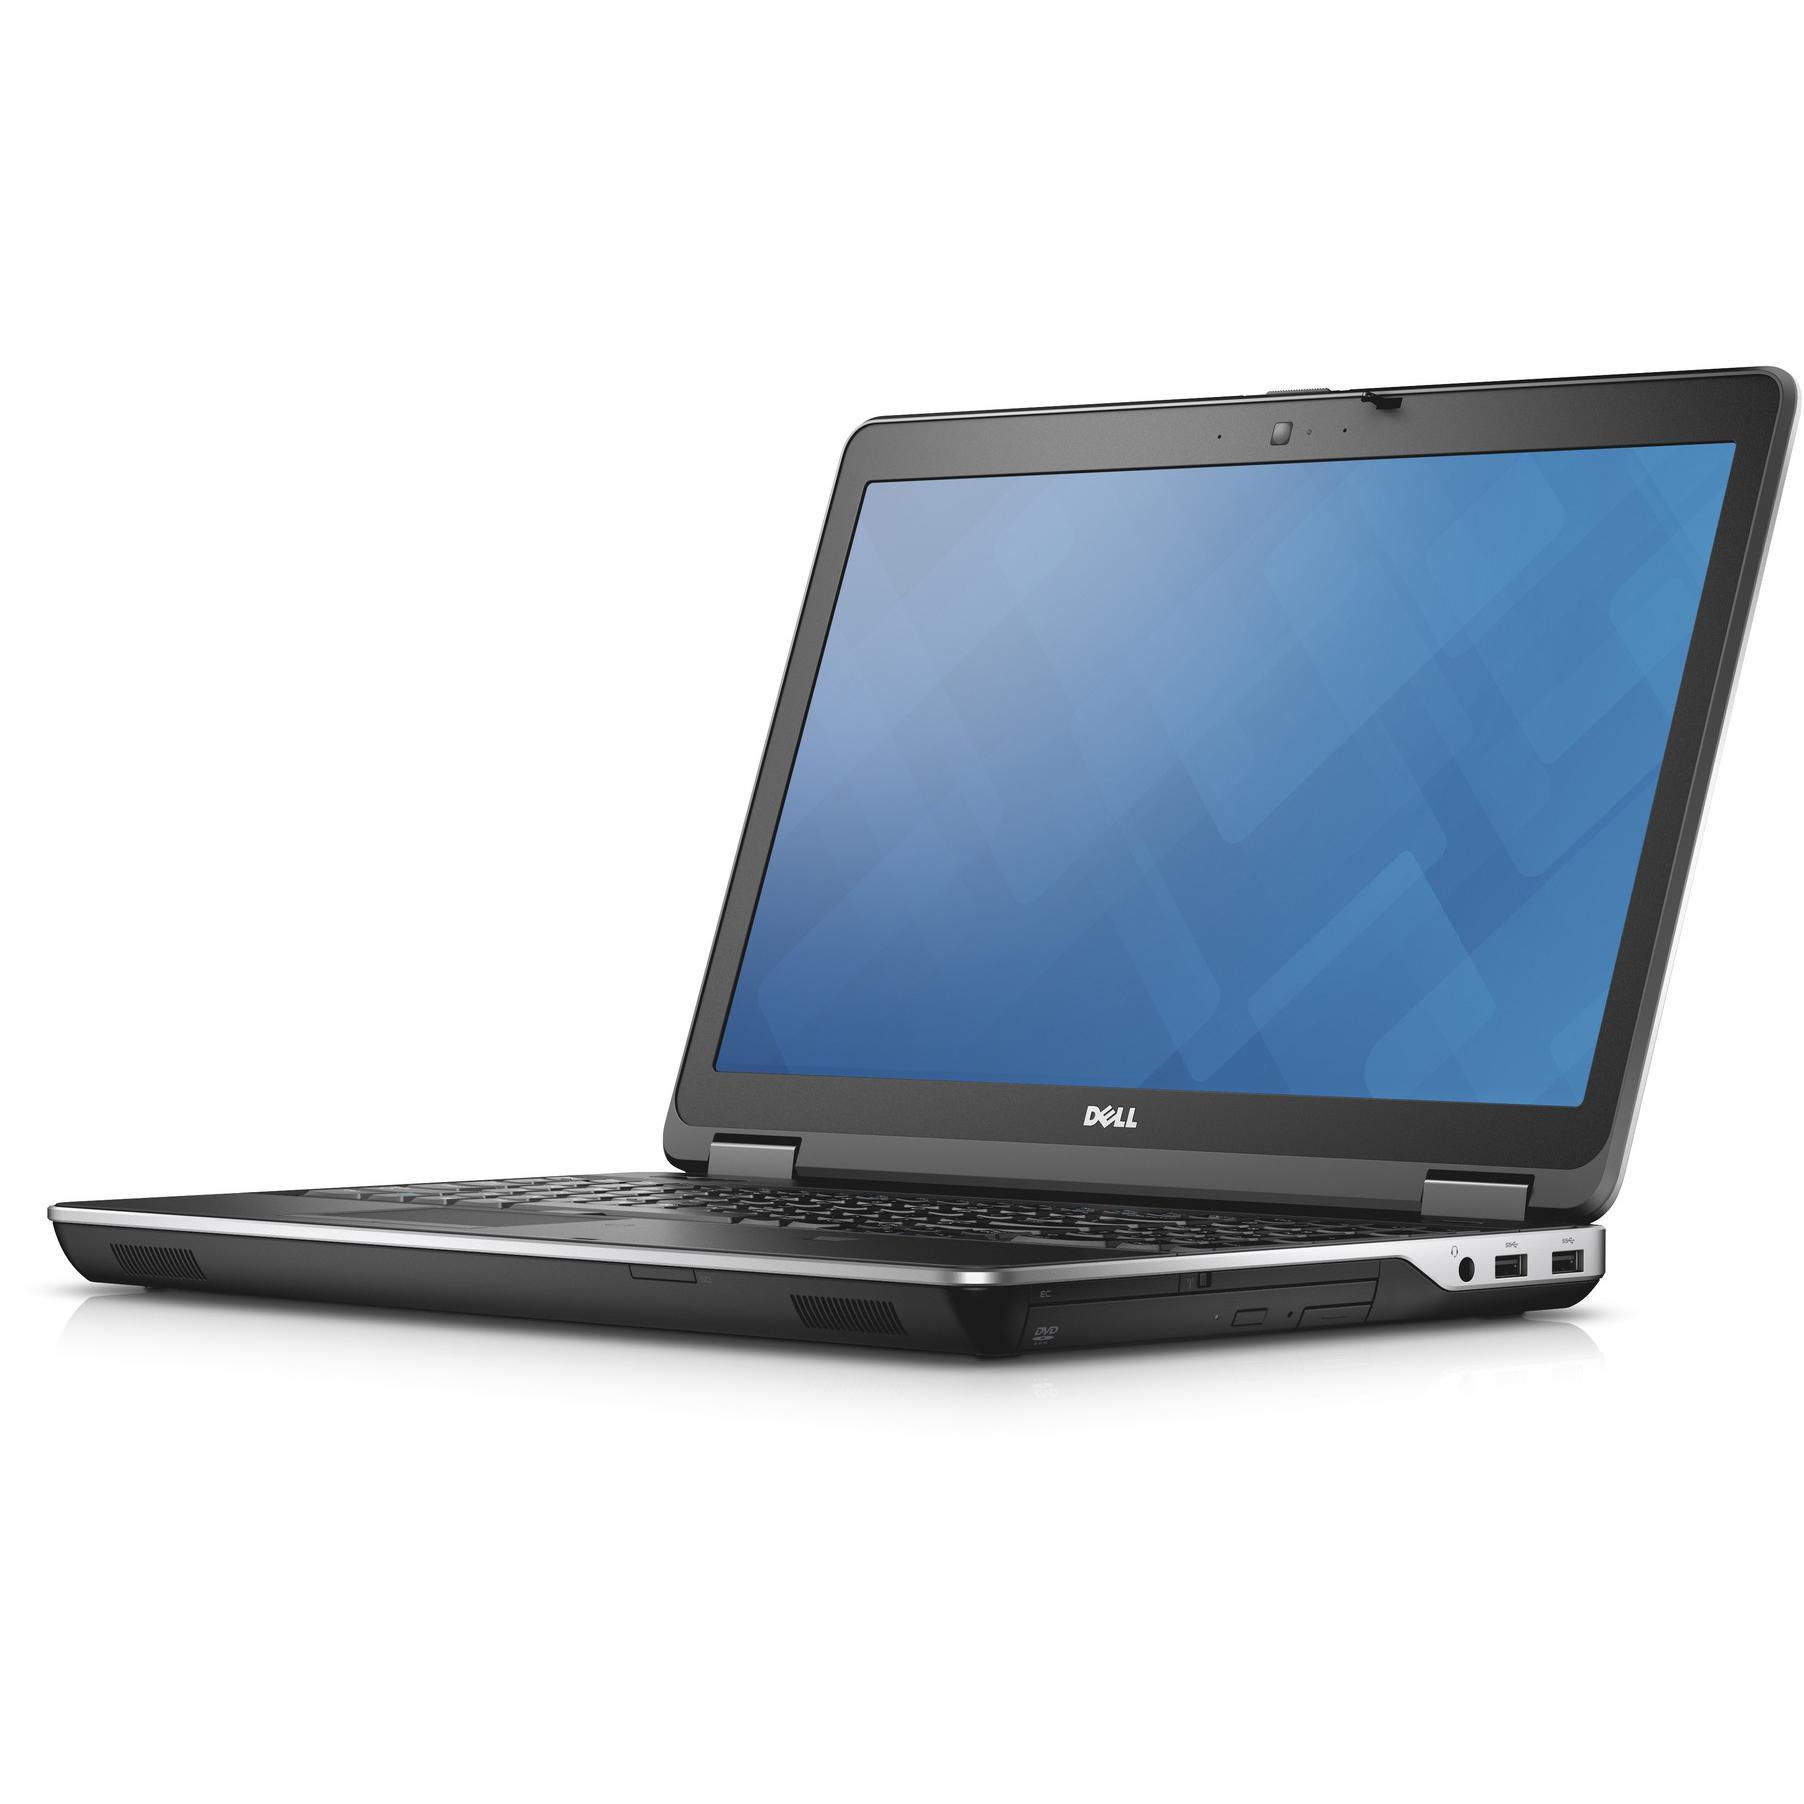 Dell Latitude E6540 15.6-inch (2018) - Core i7-4600M - 16 GB - SSD 512 GB